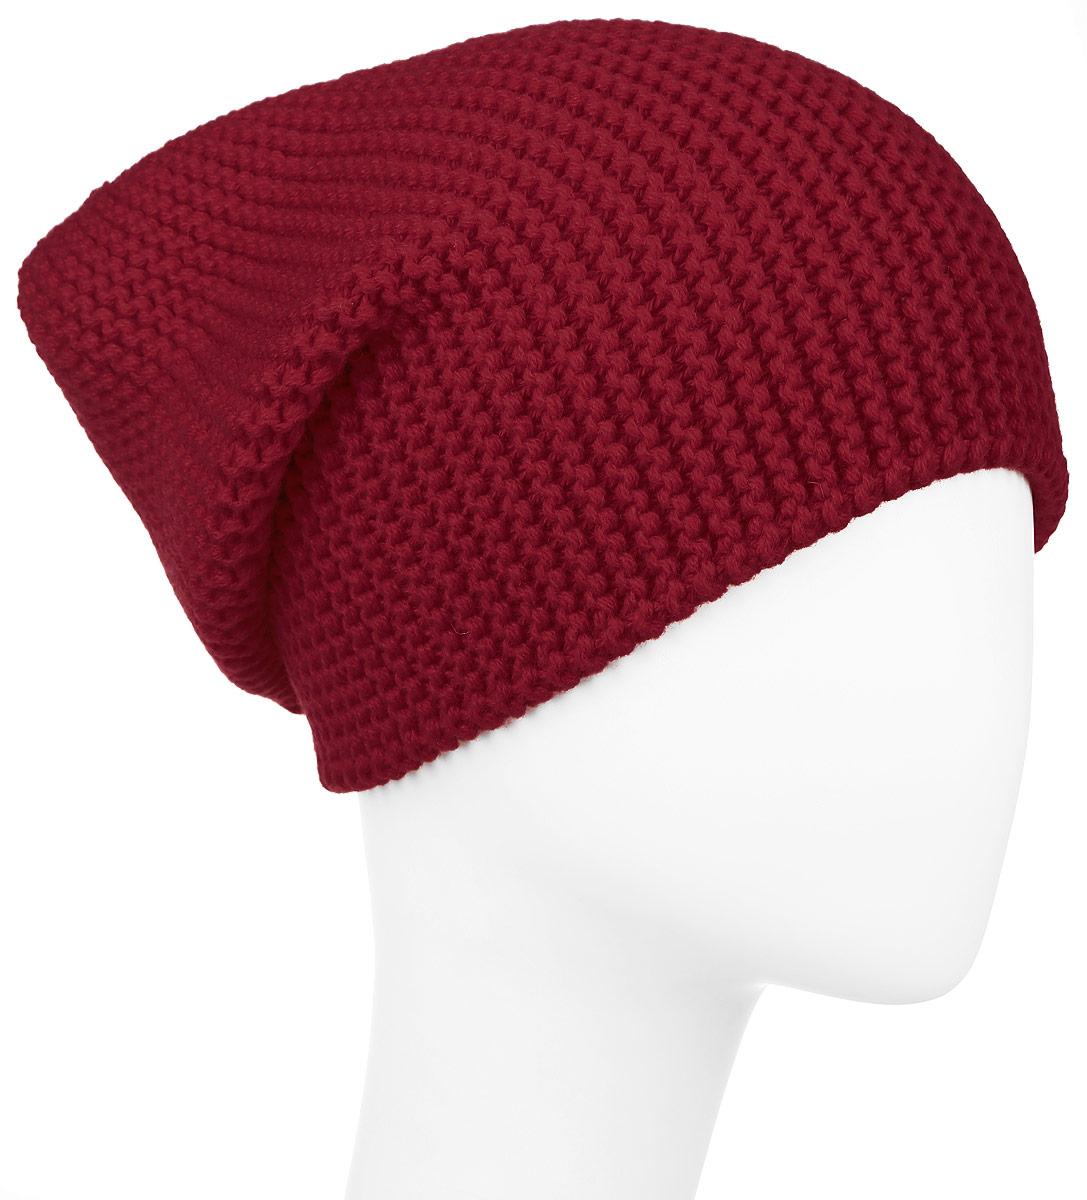 W16-21114_202Мужская шапка Finn Flare, выполненная из шерсти и акрила, отлично дополнит ваш образ в холодную погоду. Вязаная модель декорирована фирменной металлической нашивкой. Шапка составит идеальный комплект с модной верхней одеждой и подарит вам уют и тепло. Уважаемые клиенты! Размер, доступный для заказа, является обхватом головы.